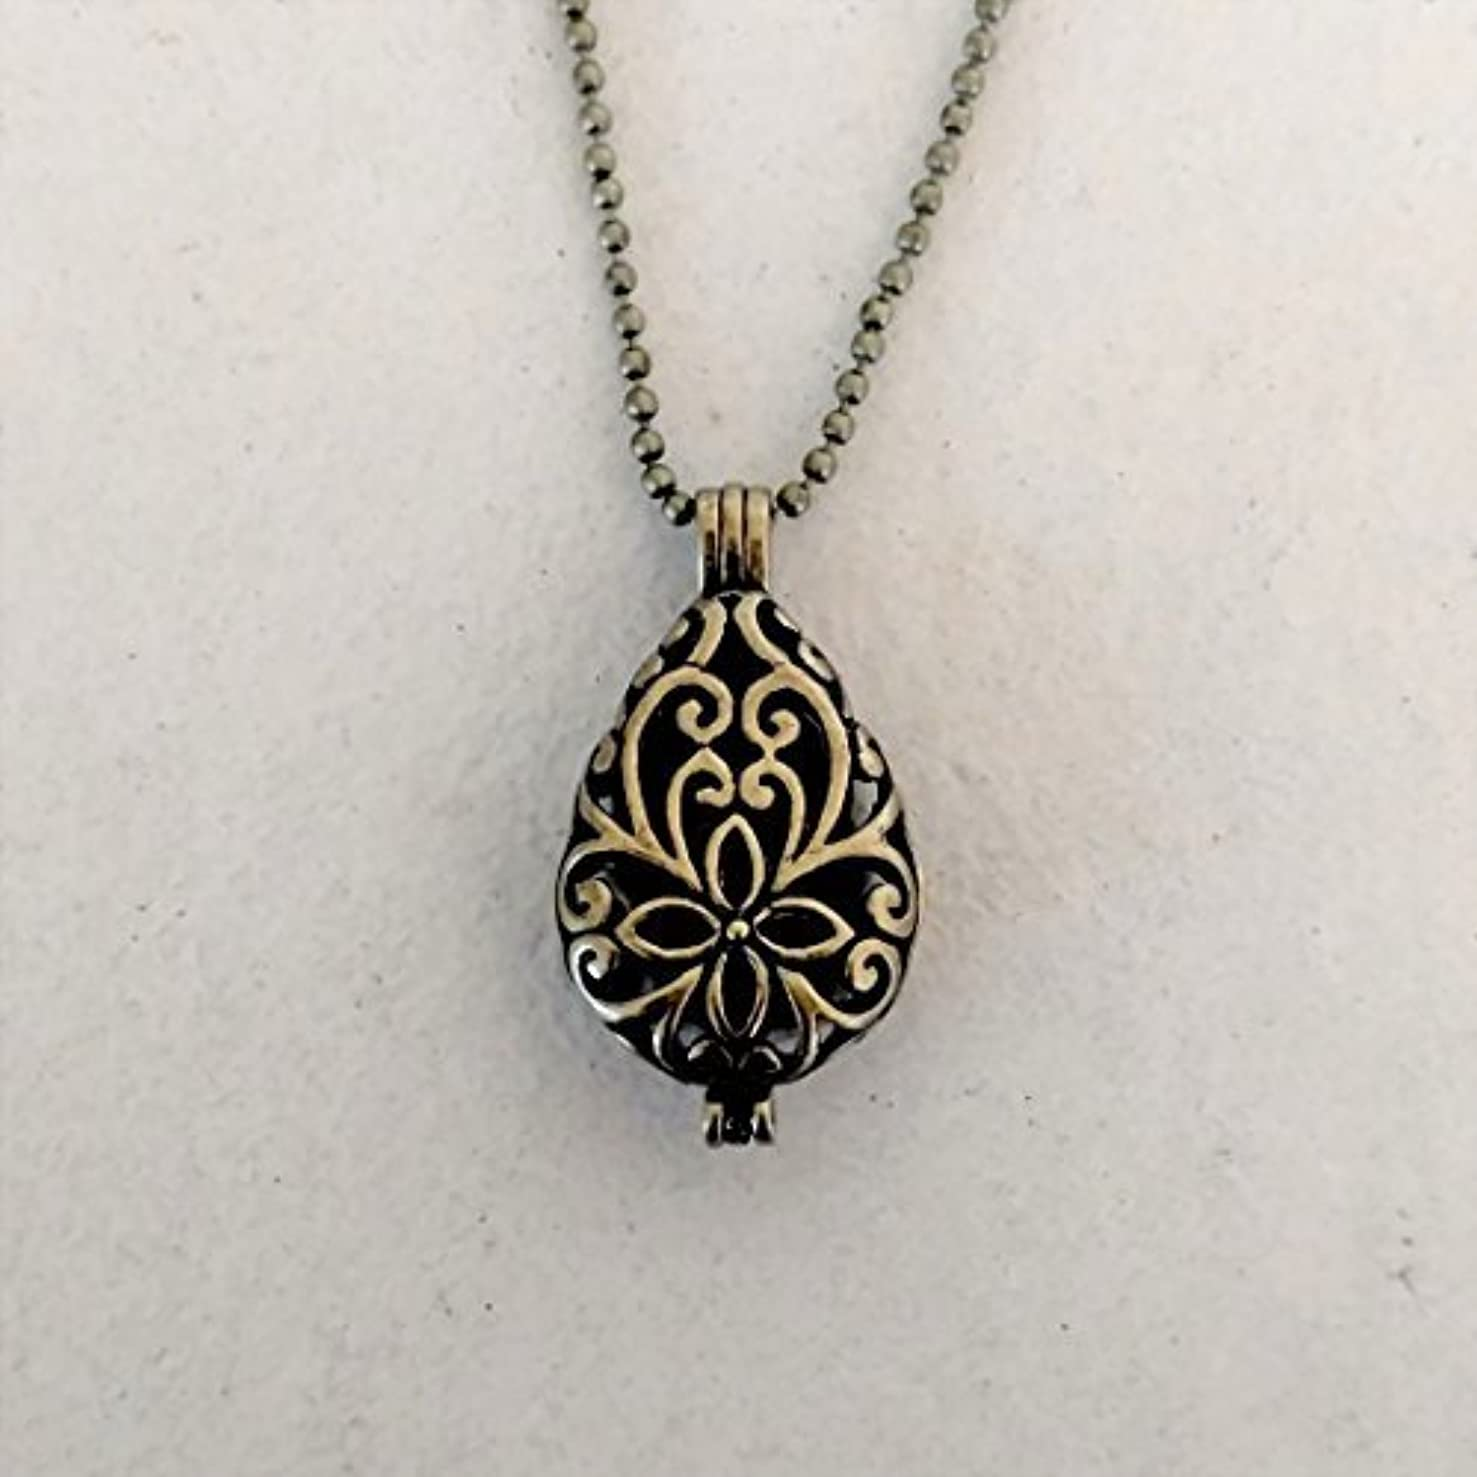 自動車ばかげているのりBronze tone Teardrop Small Aromatherapy Necklace Essential Oil Diffuser Locket Pendant Jewelry w/reusable felt...